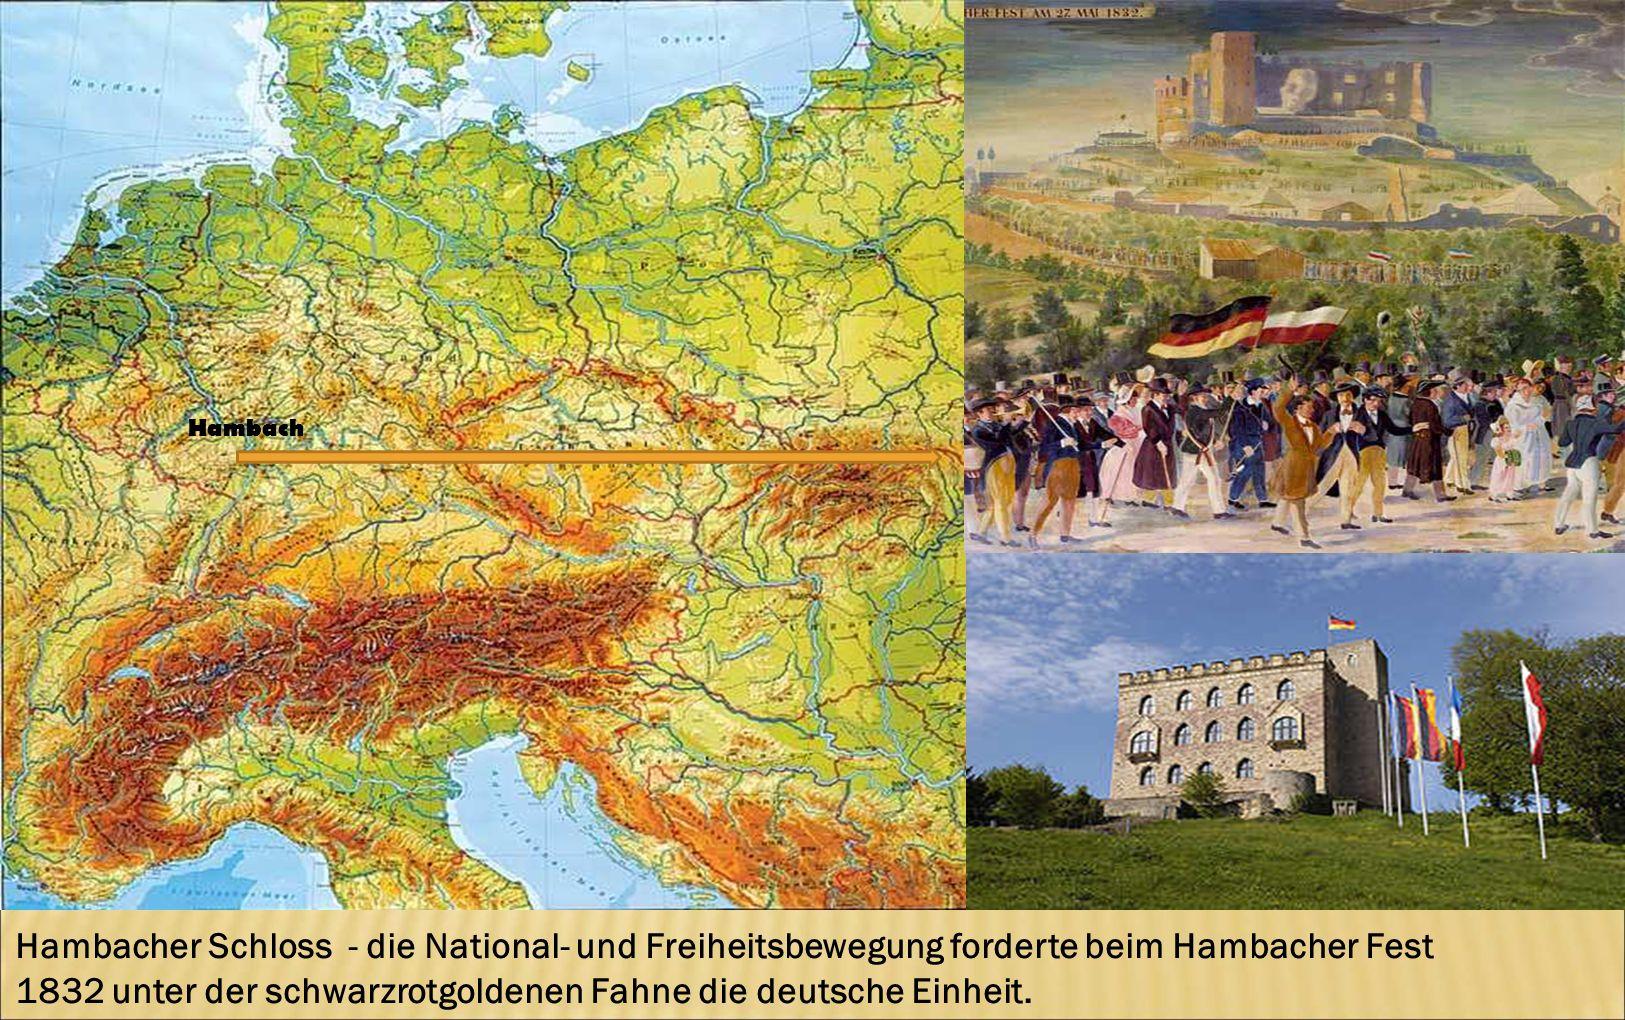 1832 unter der schwarzrotgoldenen Fahne die deutsche Einheit.